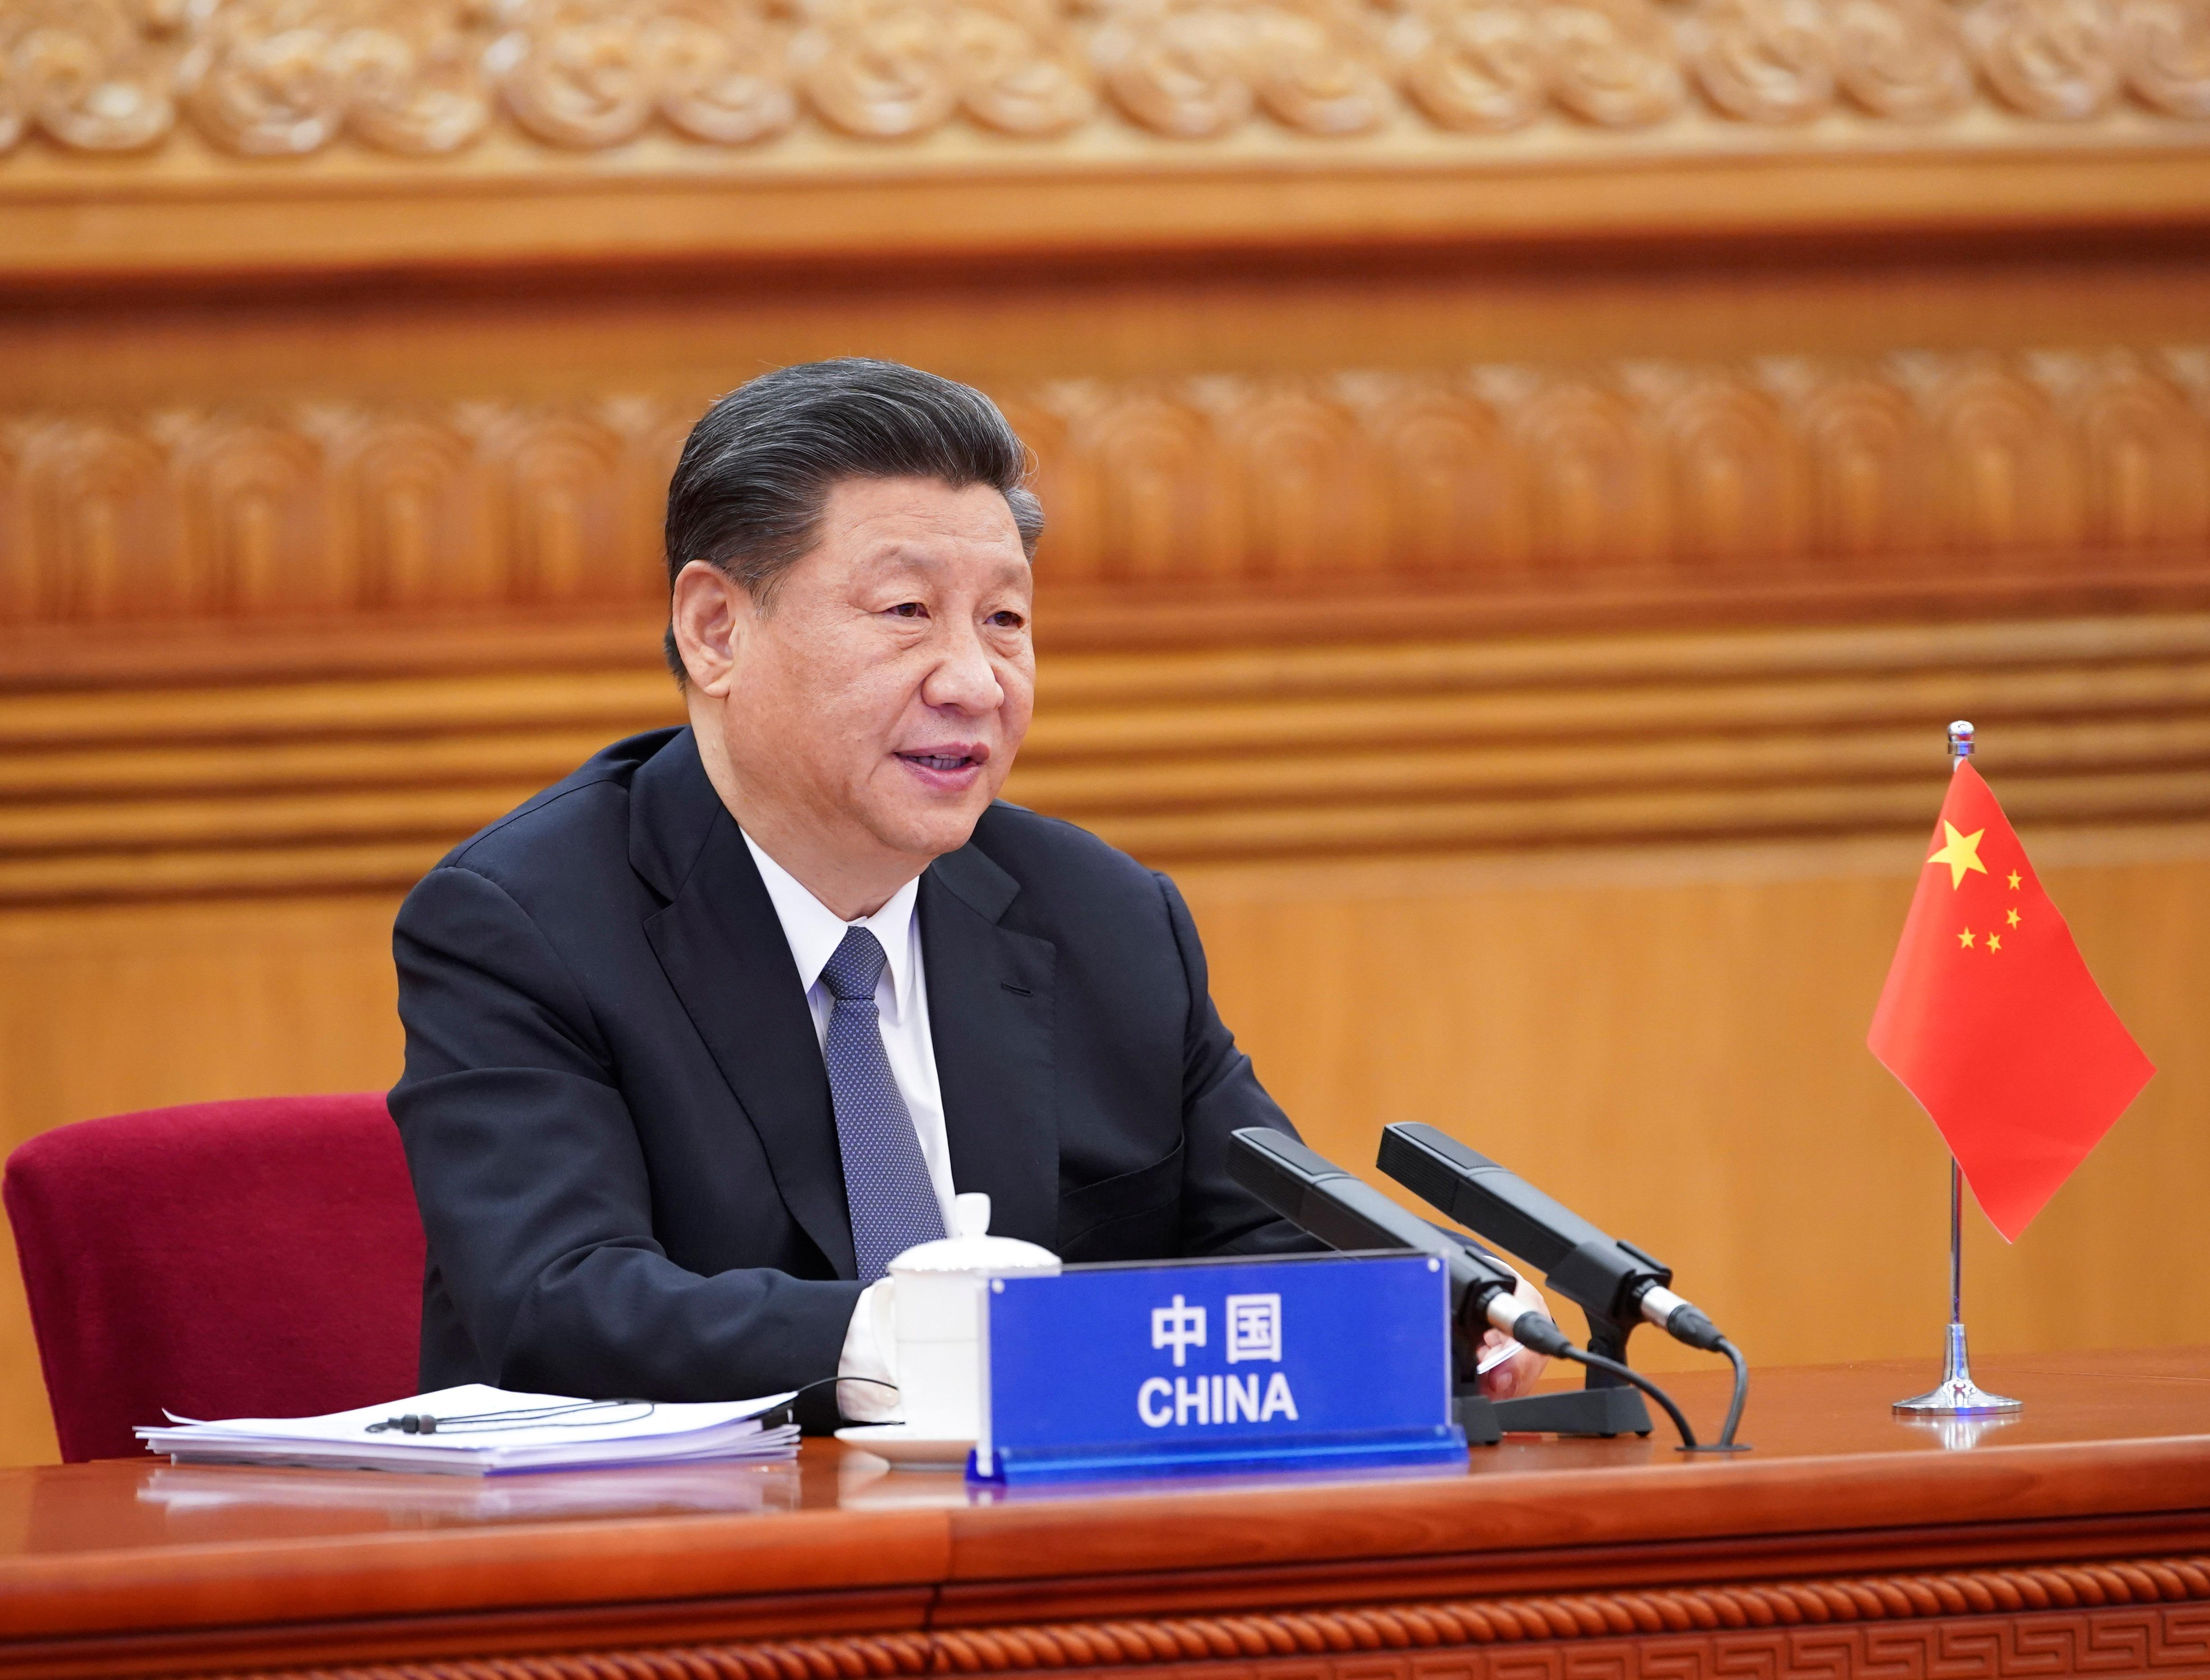 习近平出席G20领导人应对新冠肺炎特别峰会并发表重要讲话